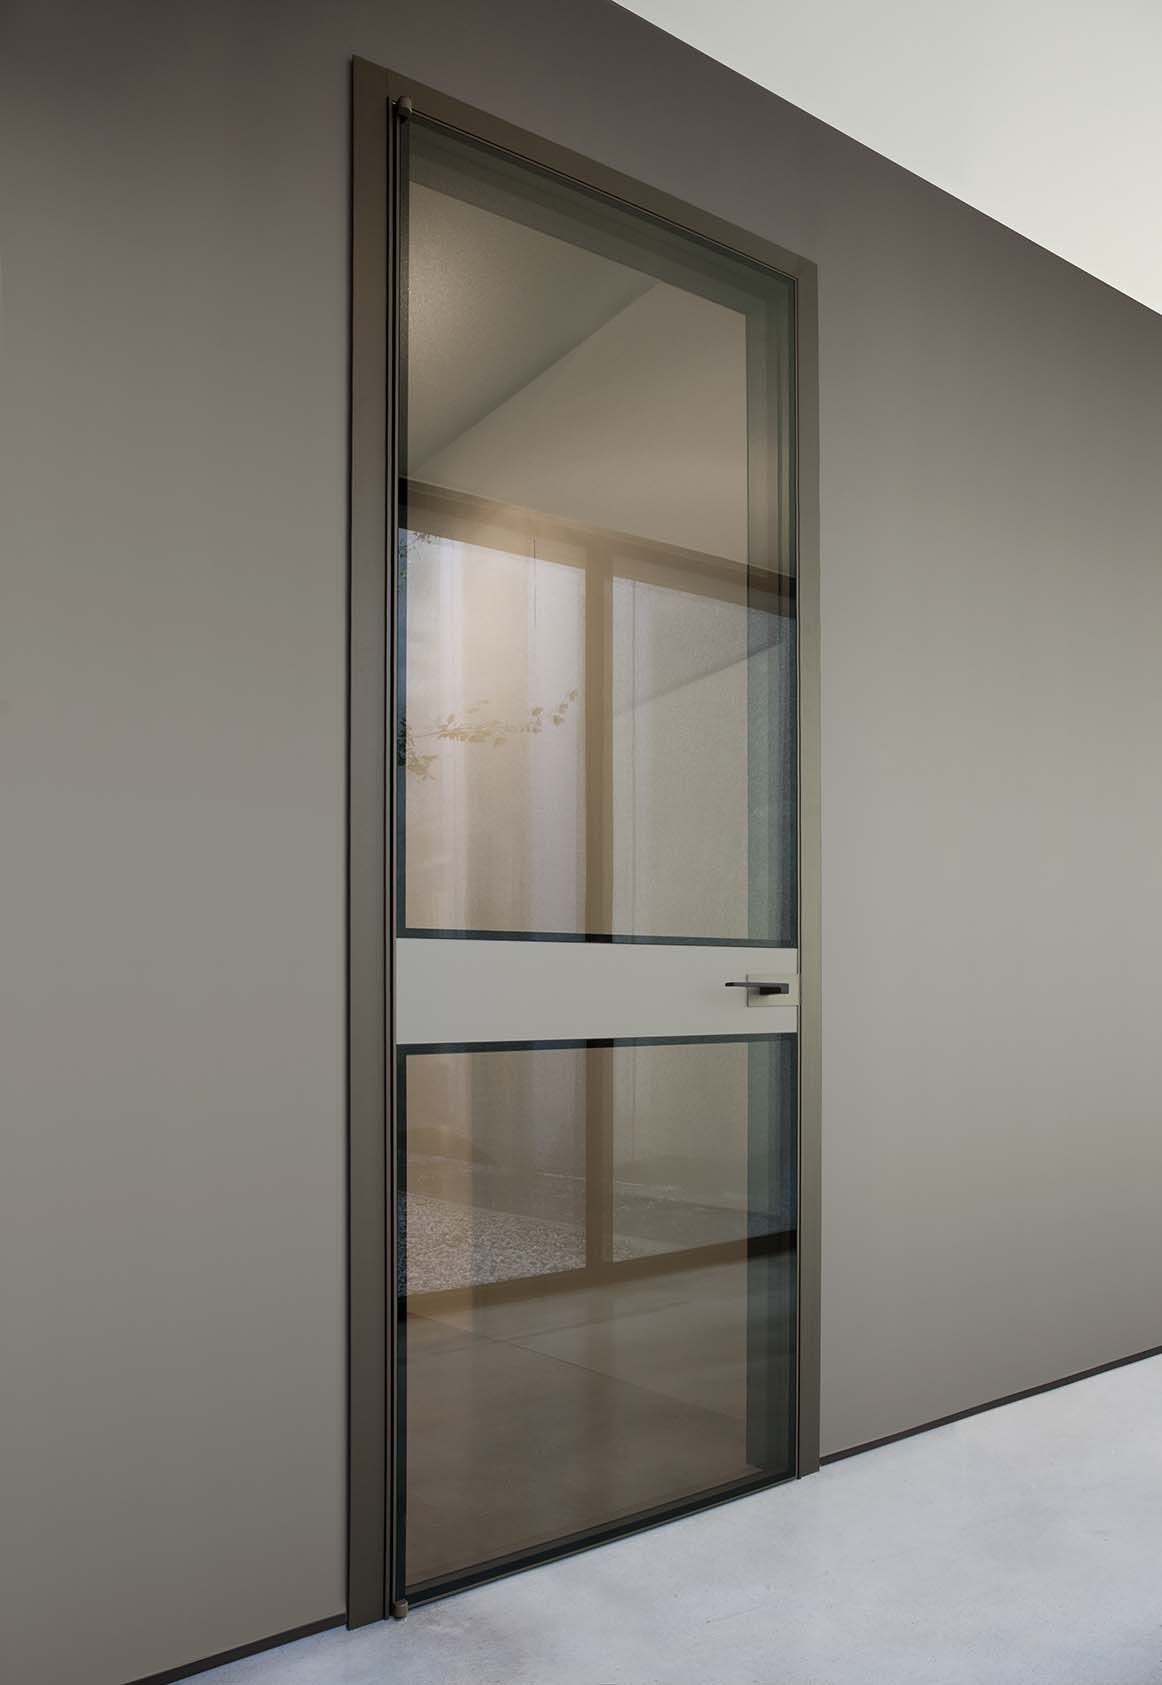 Porta battente in alluminio bronzo e doppio vetro reflex bronzo fascia centrale in specchio - Porta a doppio battente ...